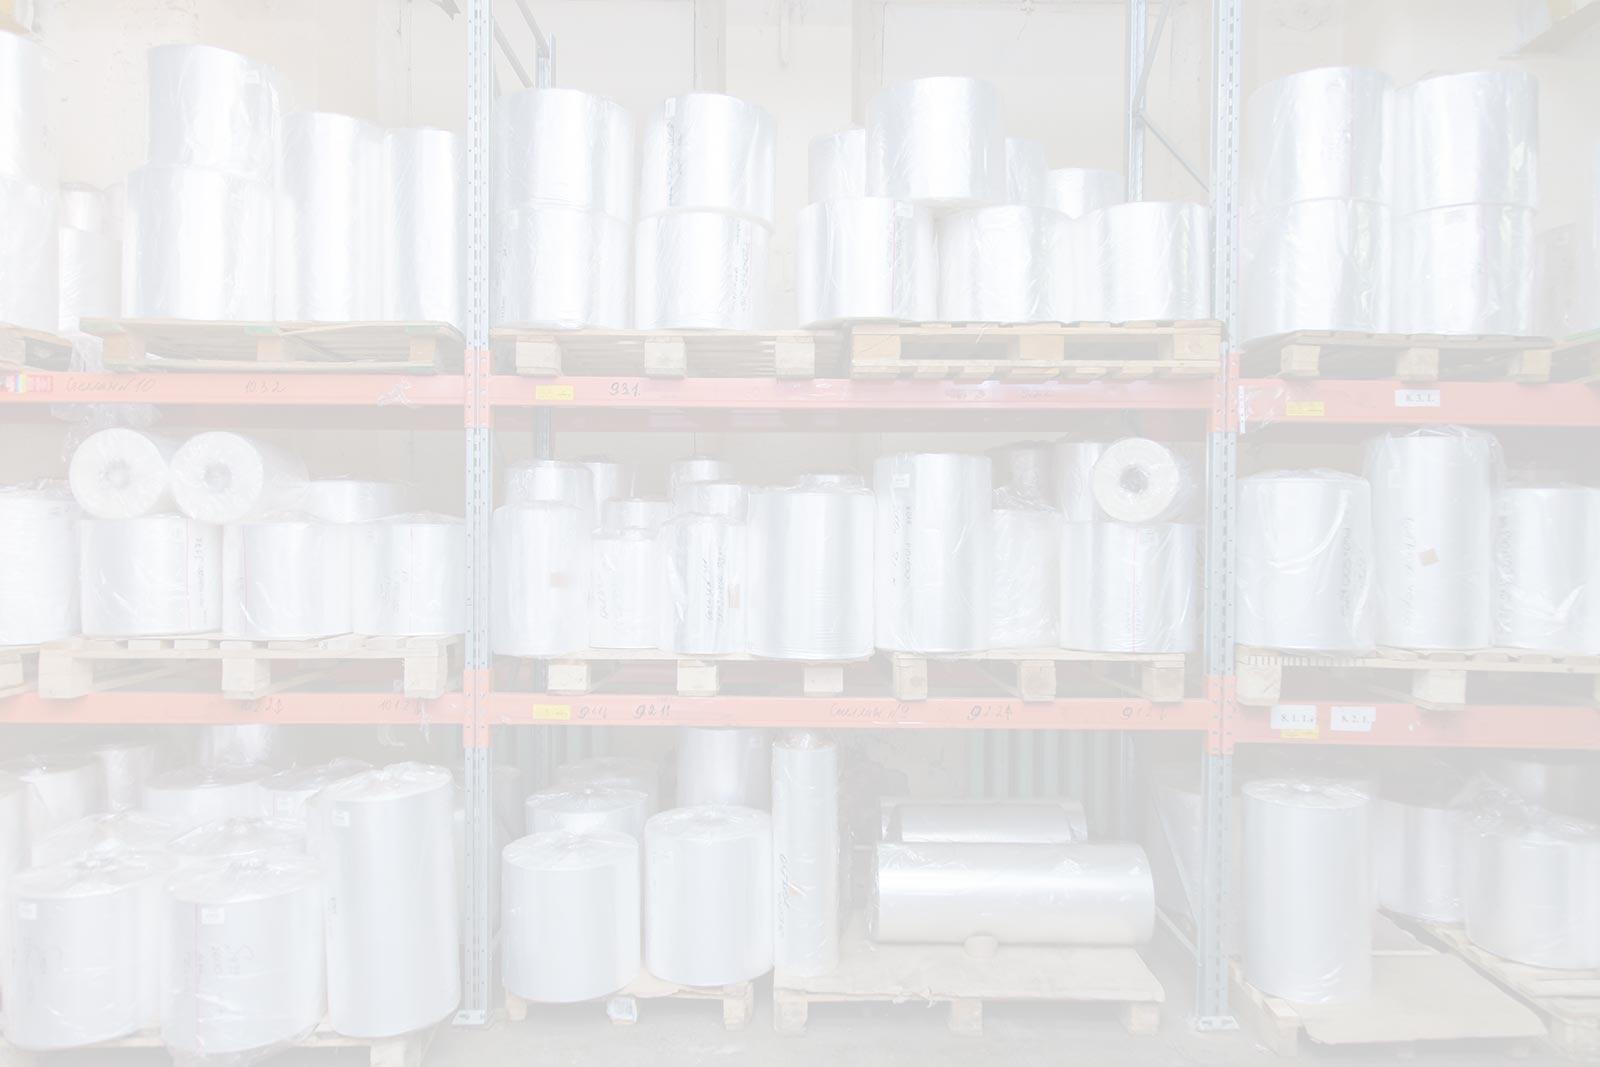 пакеты полиэтиленовые со скотчем купить